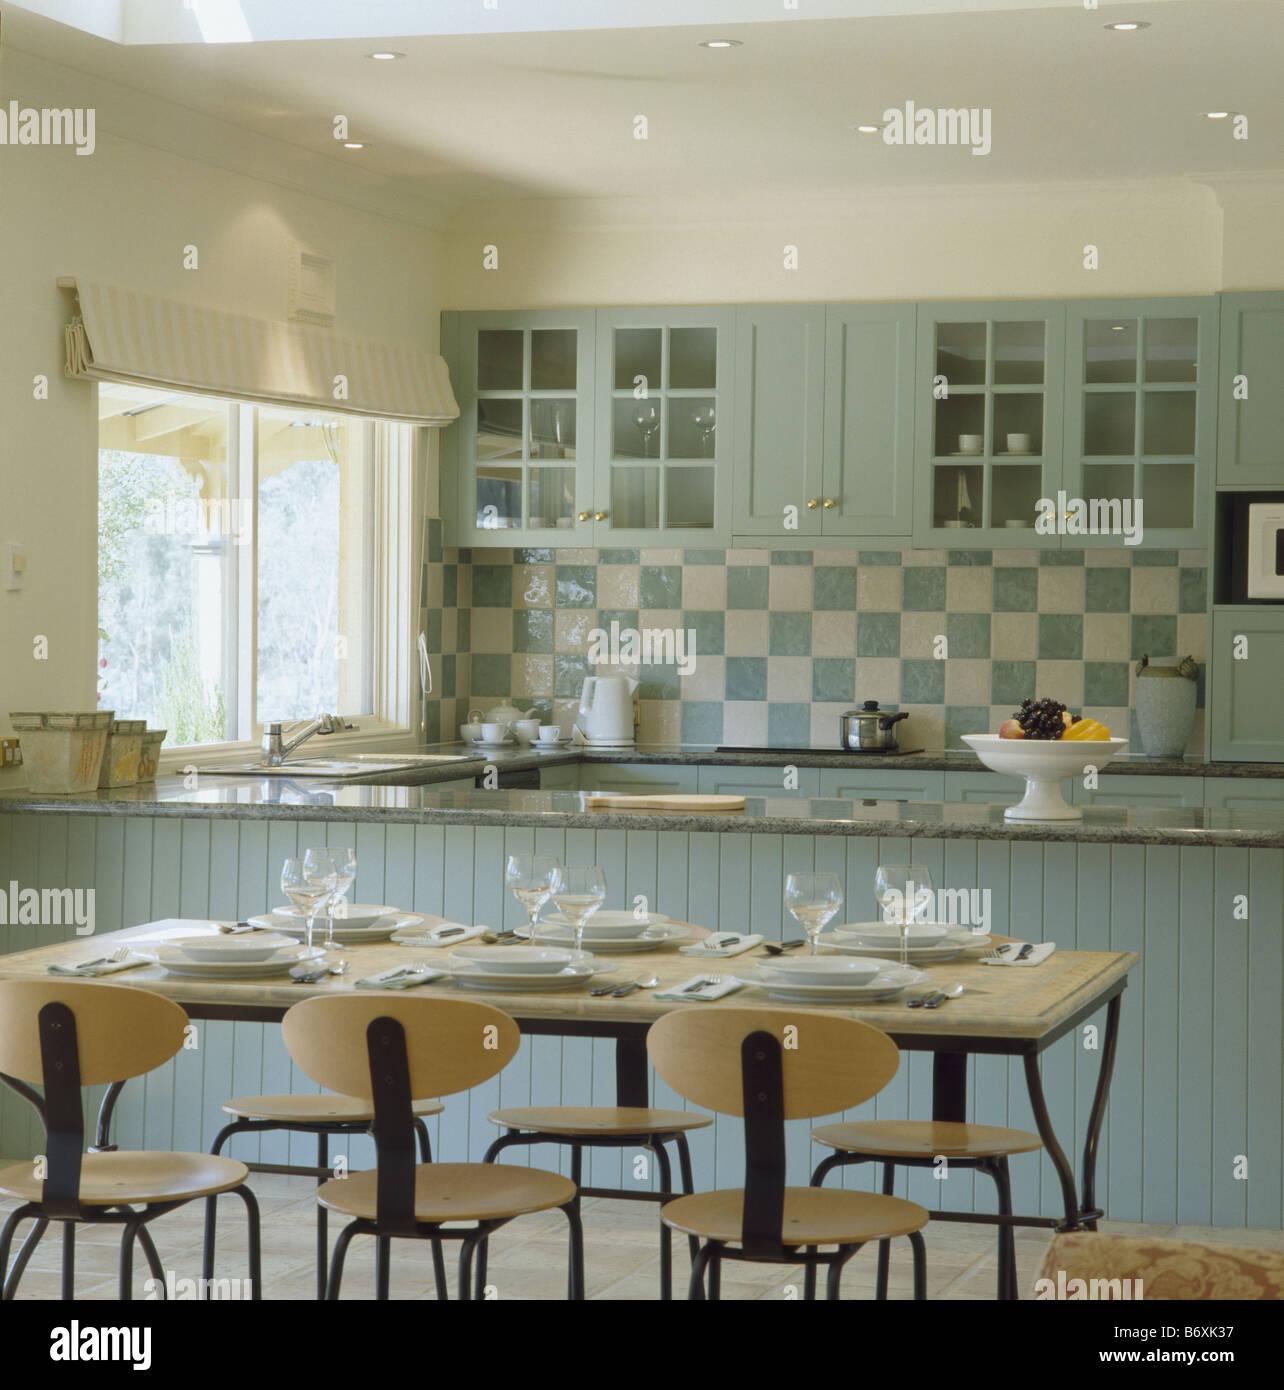 Table et chaises modernes en cuisine salle à manger traditionnelle ...